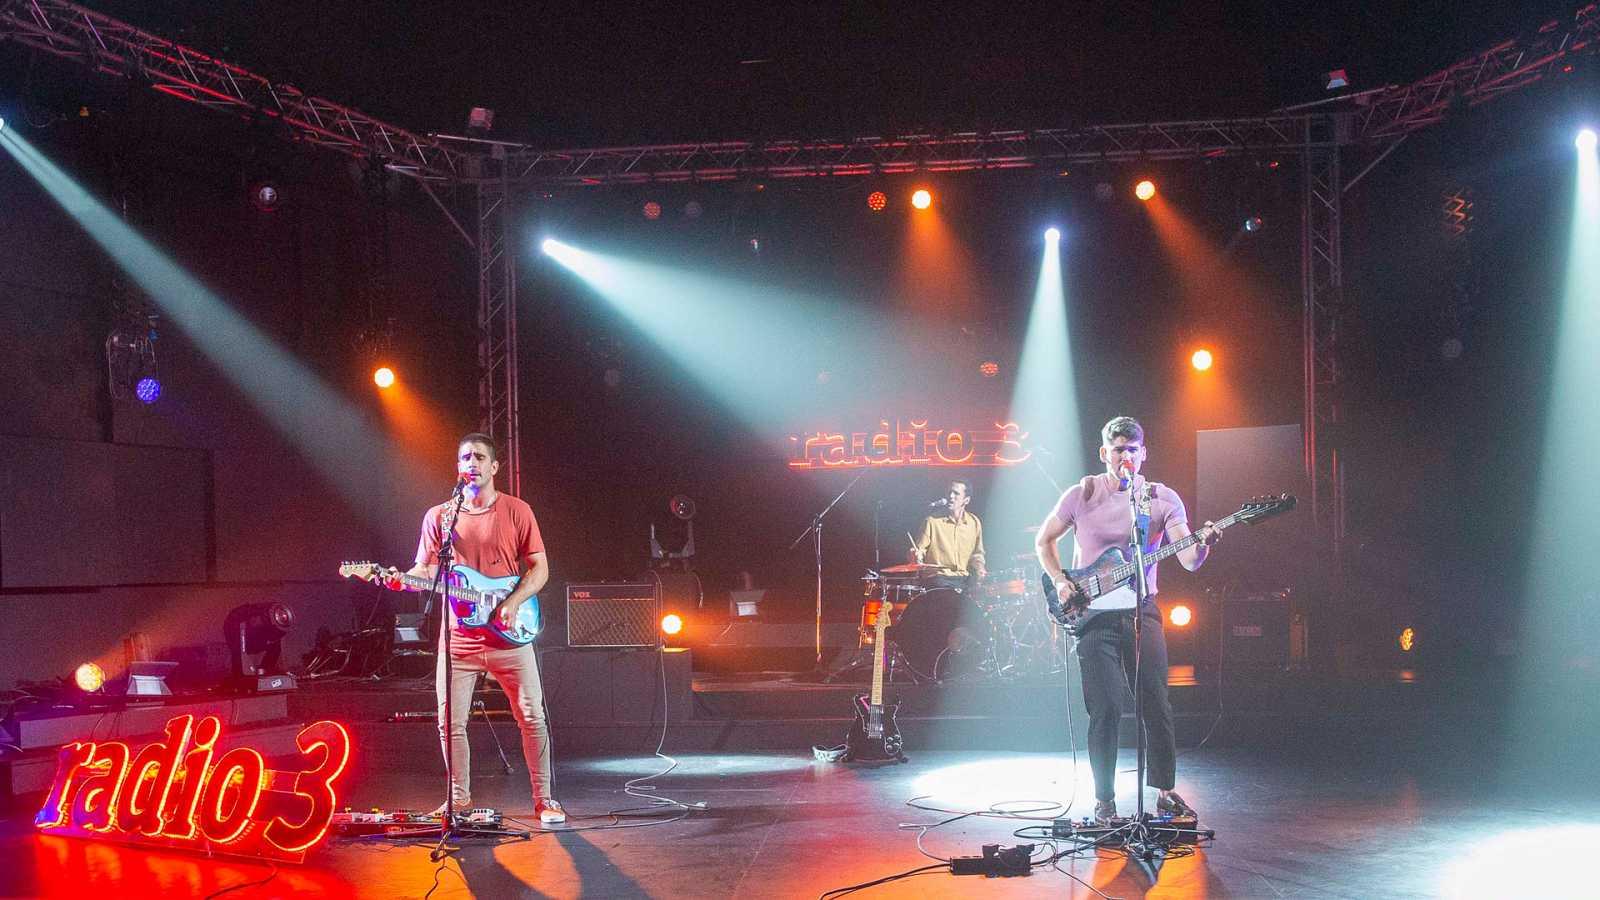 Los conciertos de Radio 3 - Venturi - ver ahora